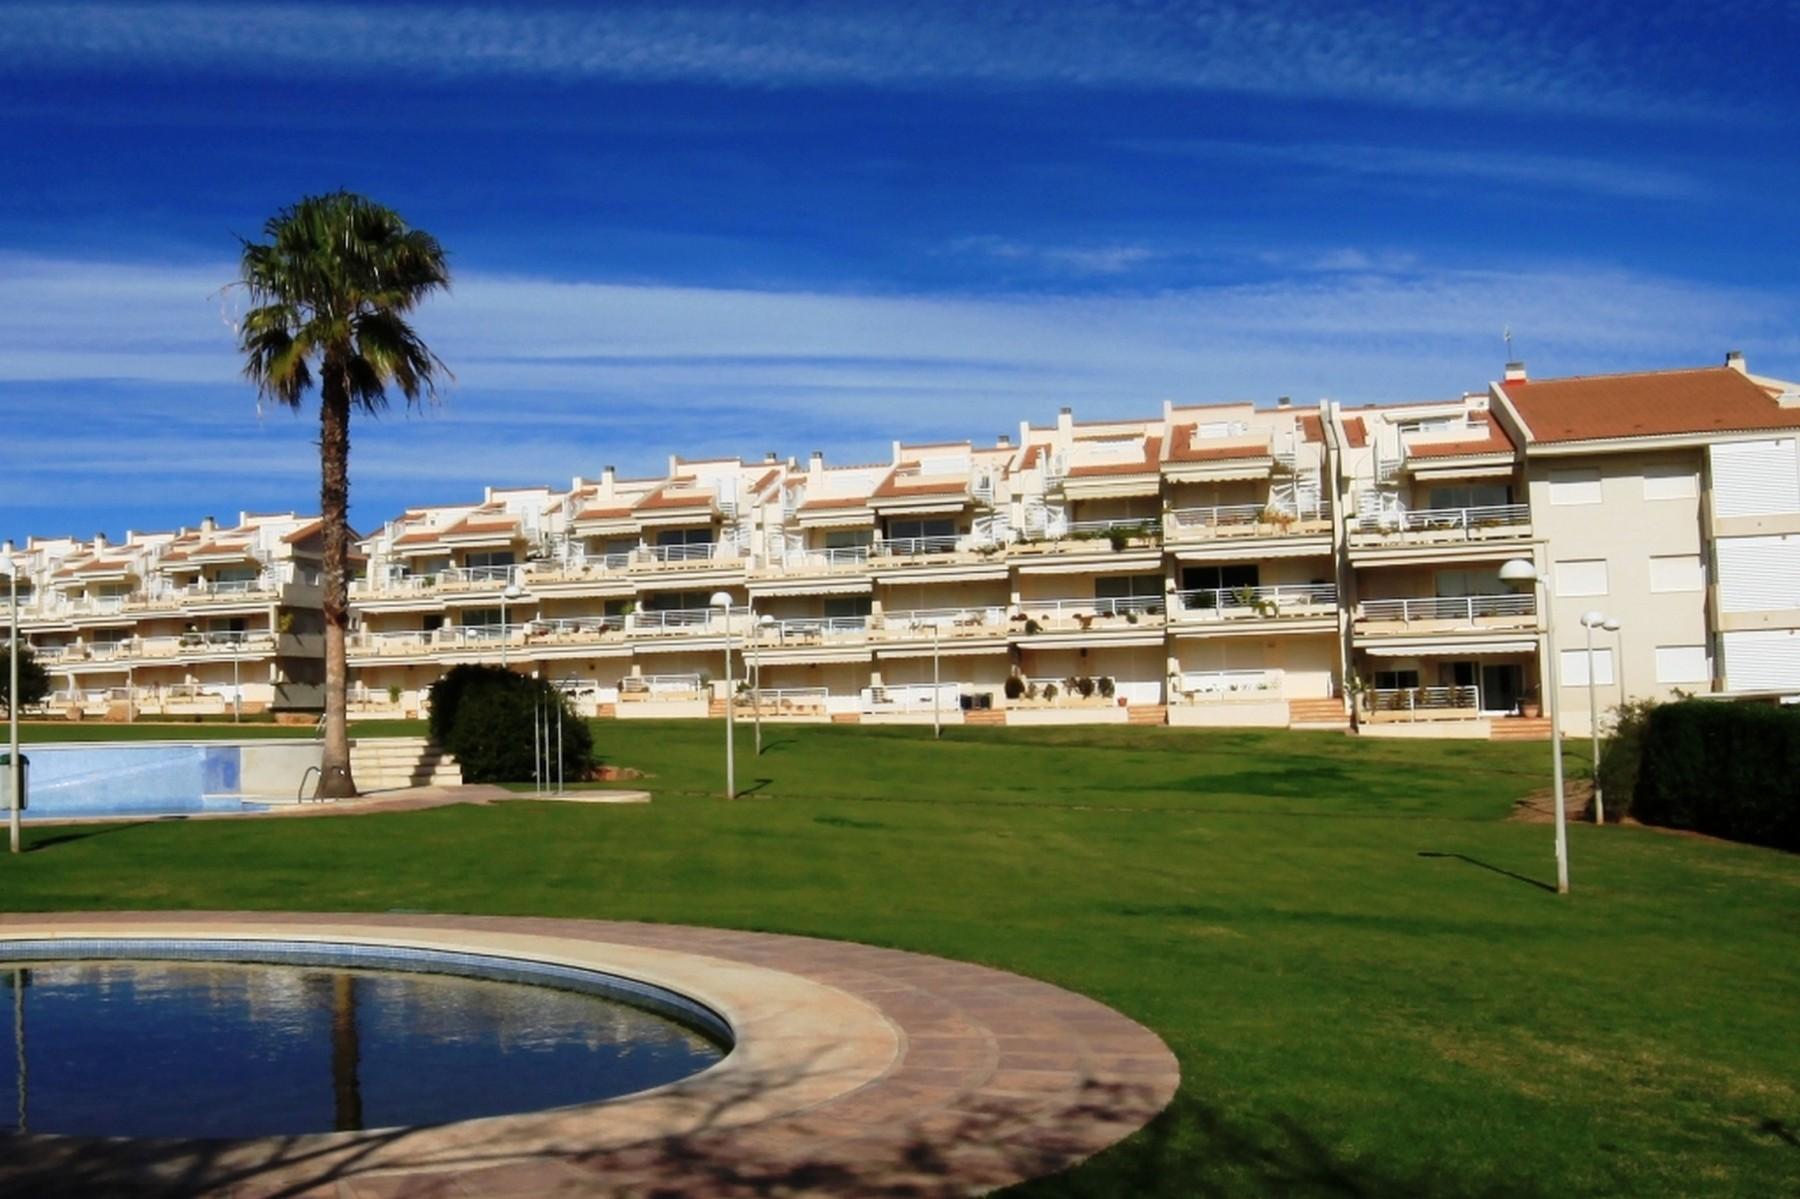 Apartamentos en alcoceber alcossebre alcala blau iii 97 - Apartamentos en alcocebre ...